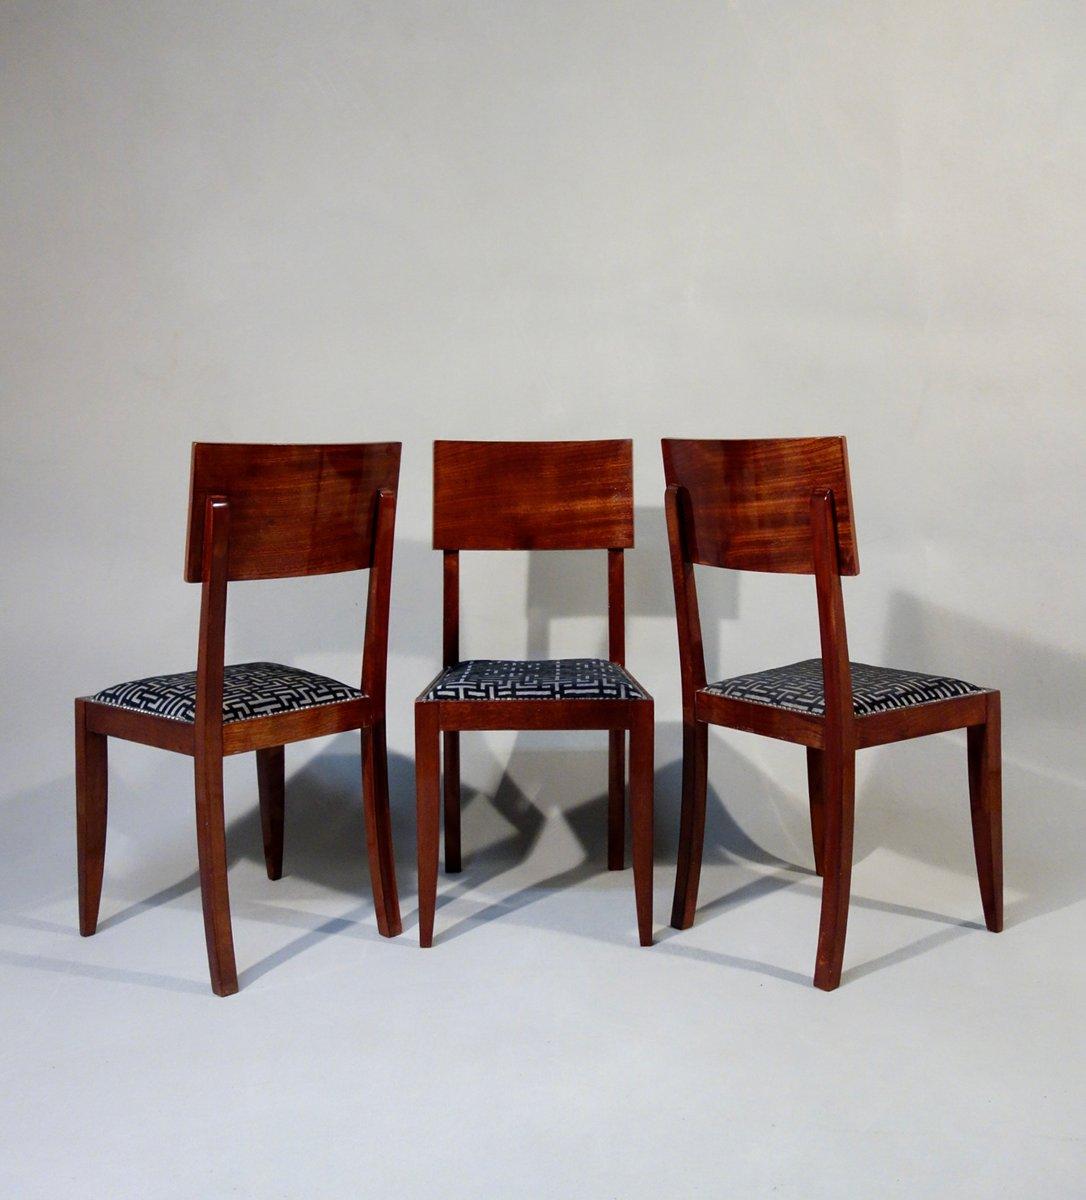 art deco st hle 1930er 6er set bei pamono kaufen. Black Bedroom Furniture Sets. Home Design Ideas